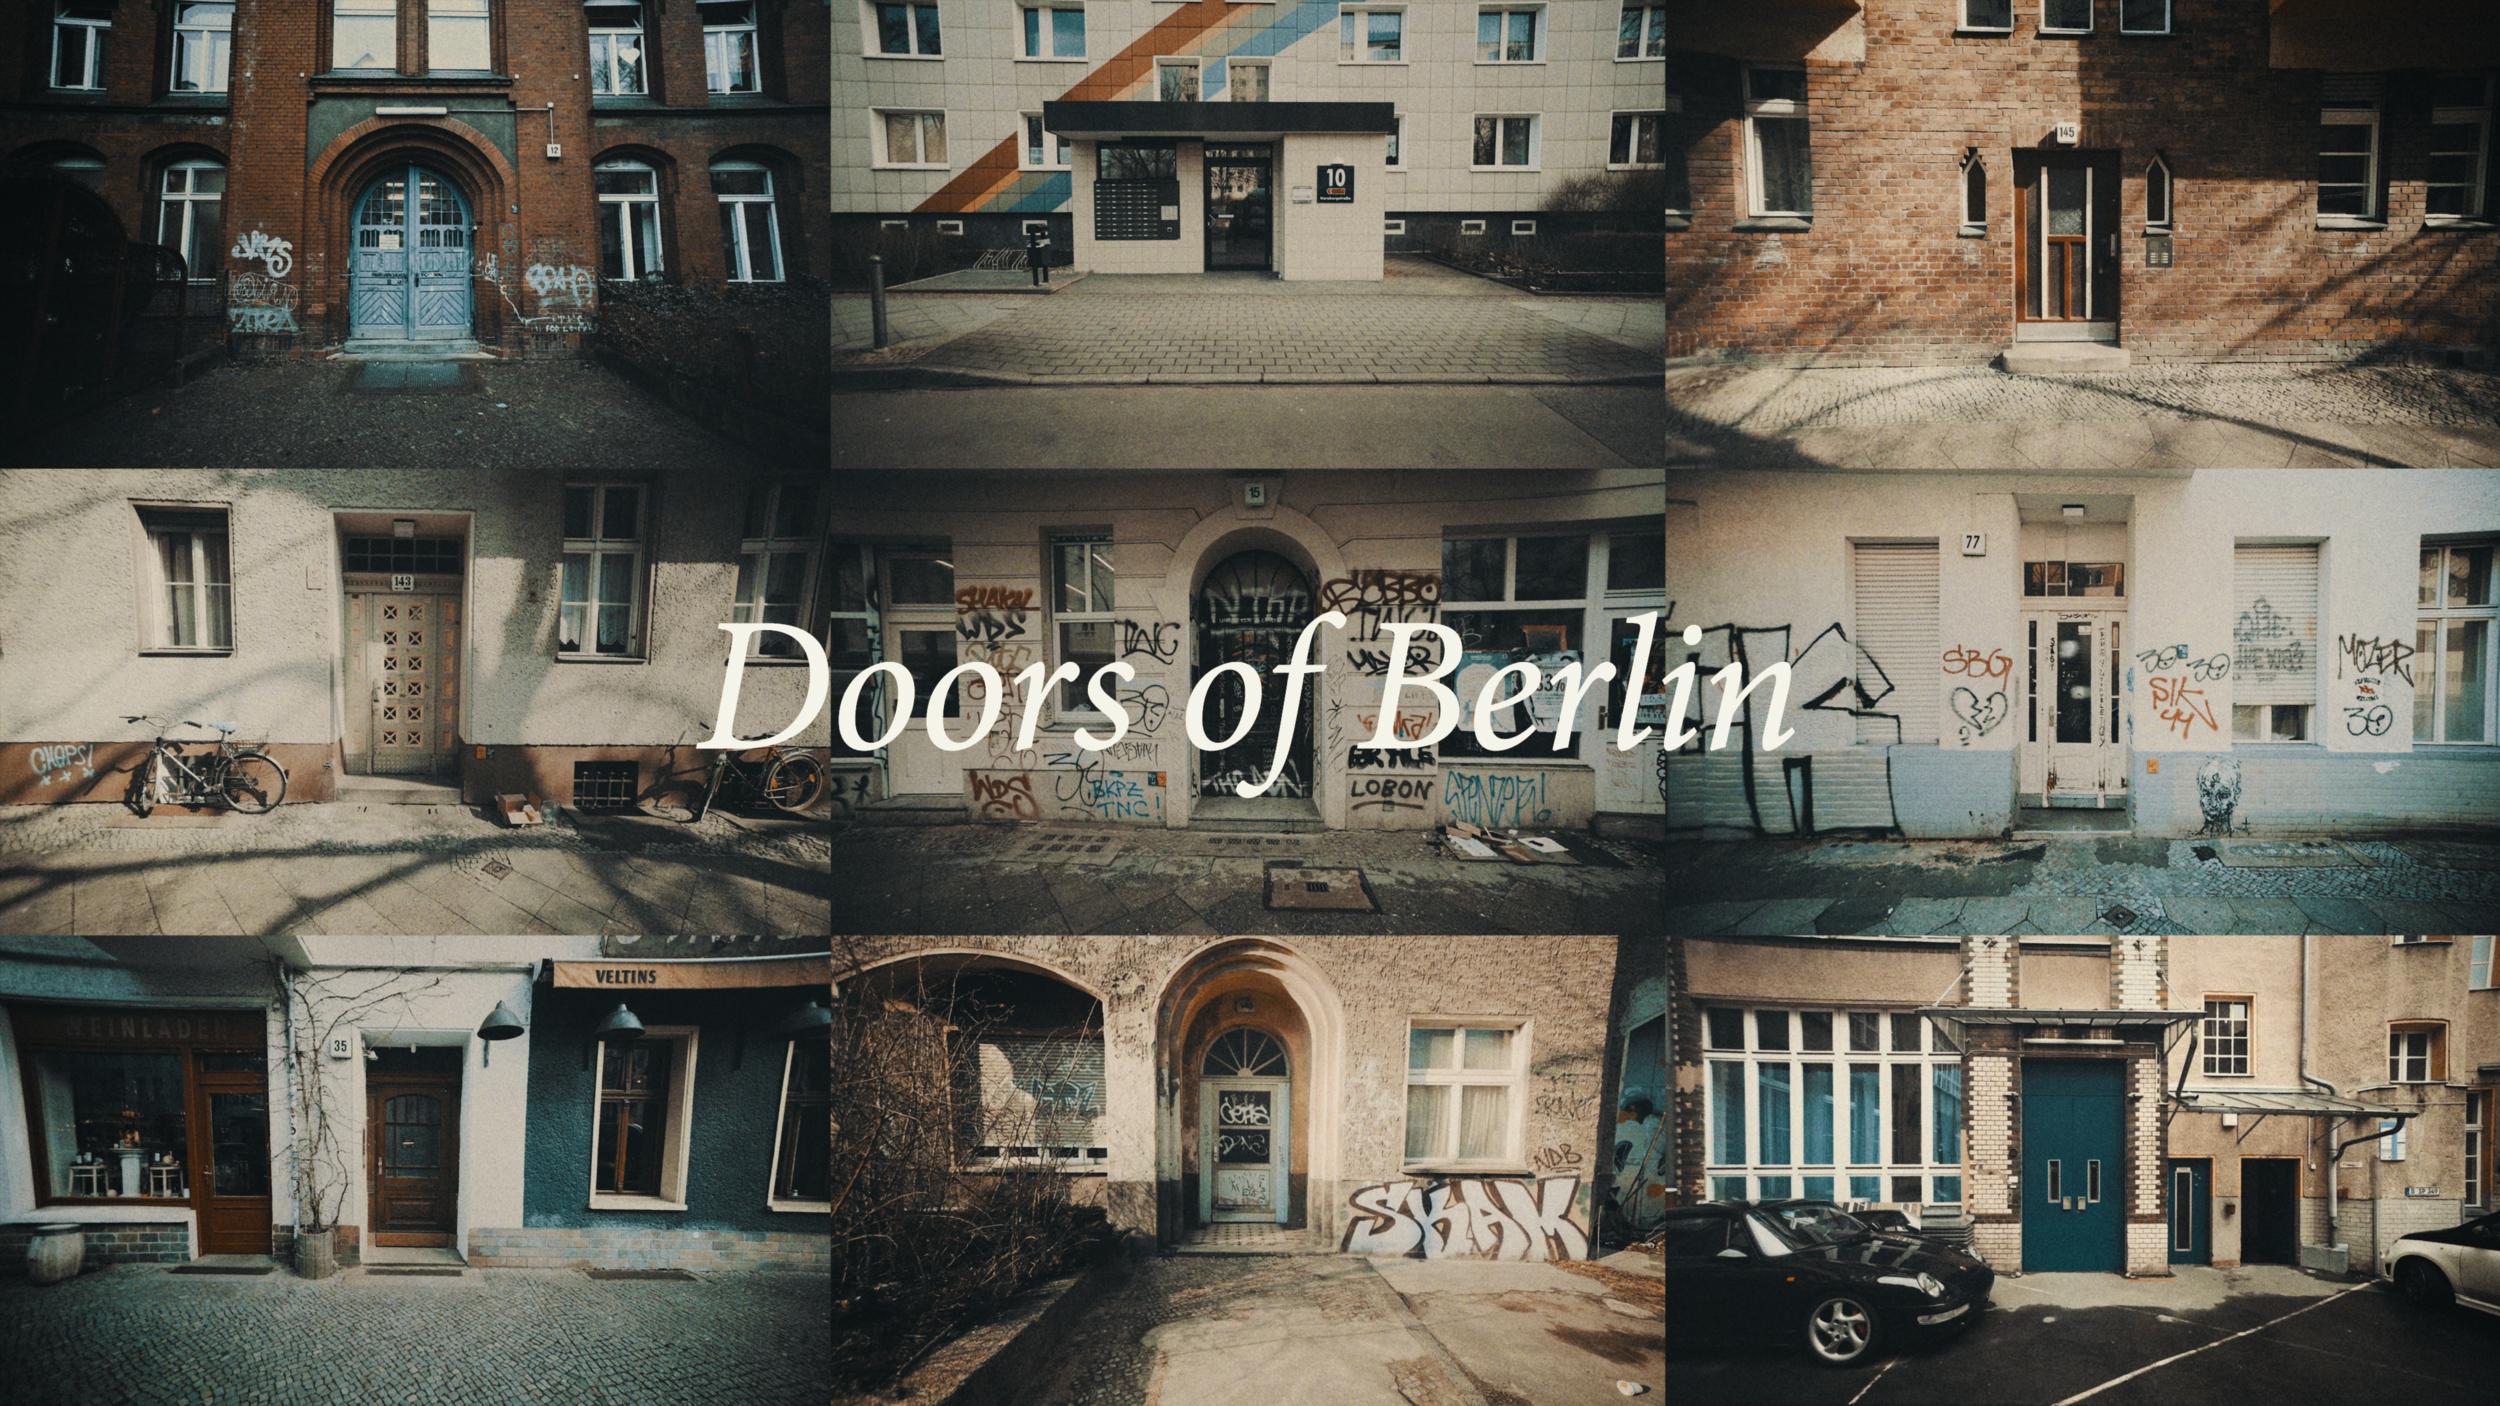 Doors of Berlin - Whizzing through the doors of Berlin.